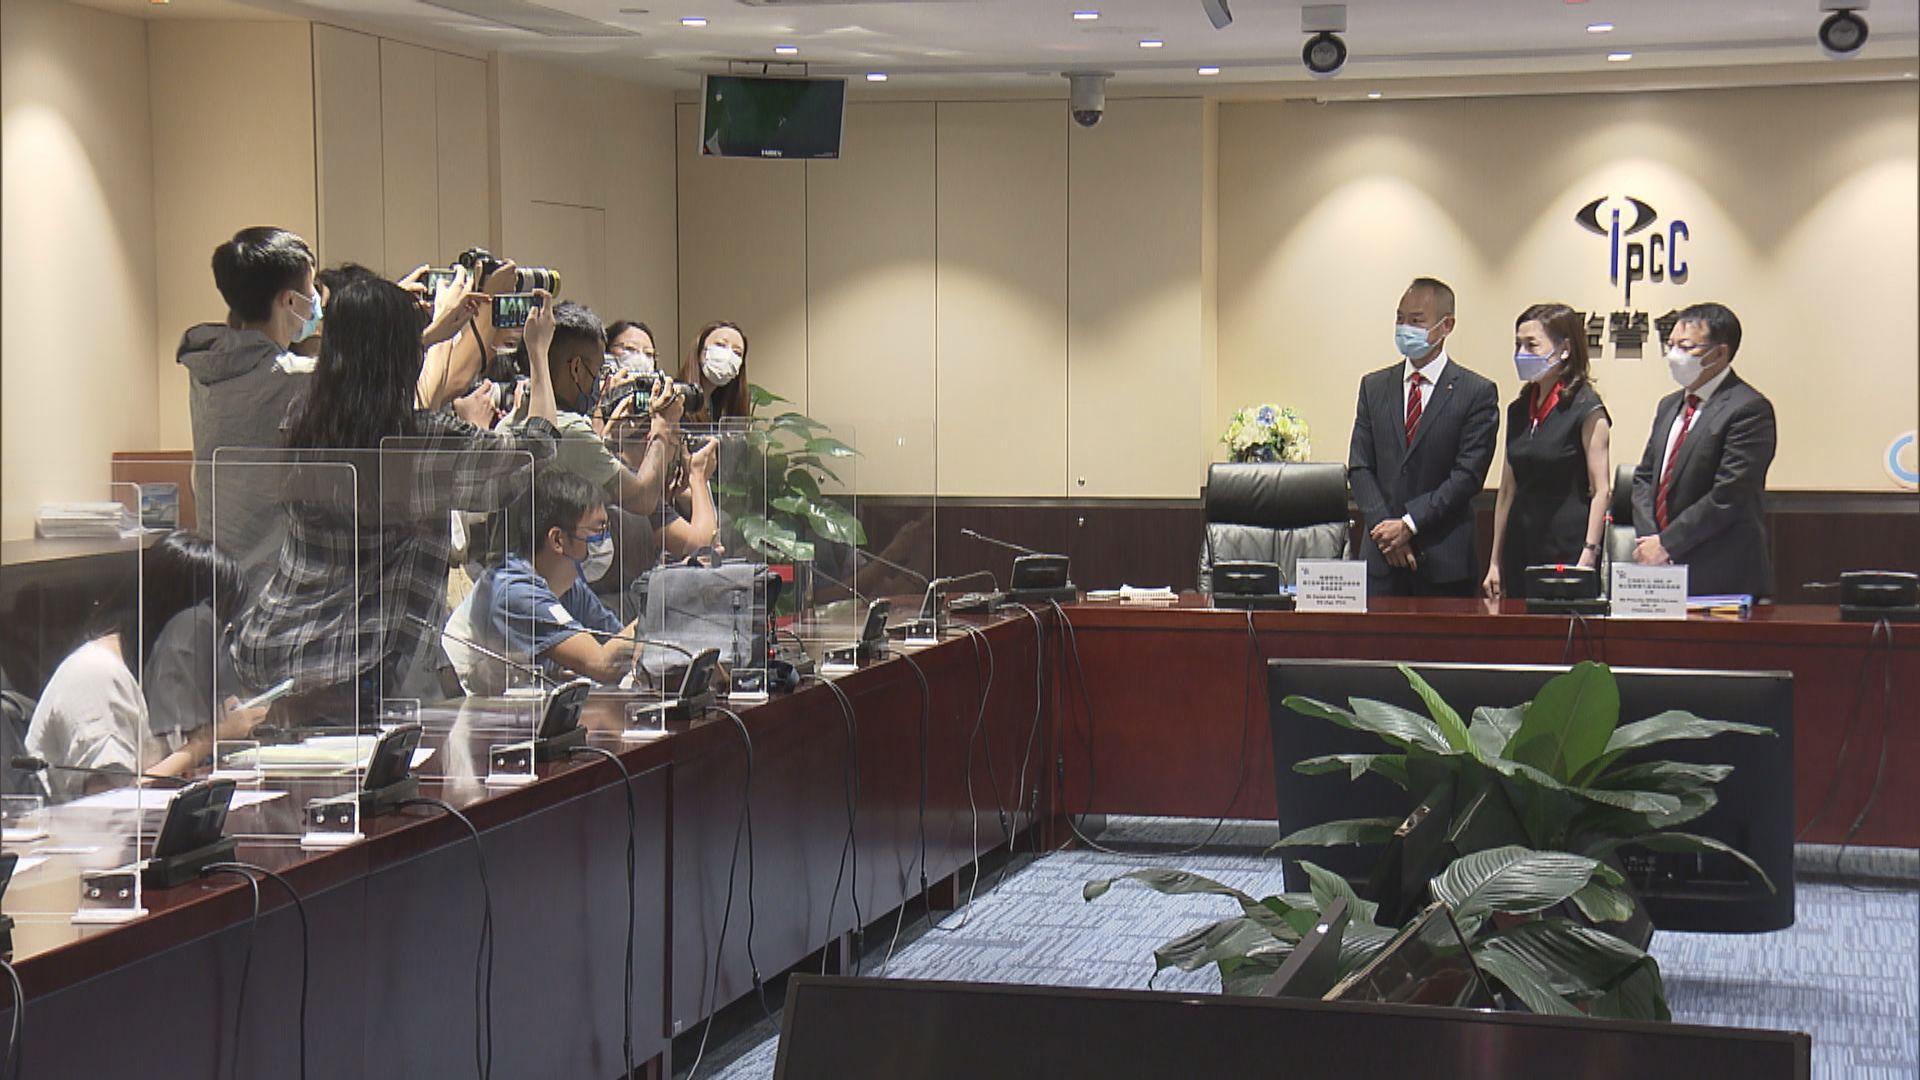 【即日焦點】警新增前線指揮指引 監警會:公開與否應由警方決定;南韓總統擬全國禁食狗肉 民調指六成人支持